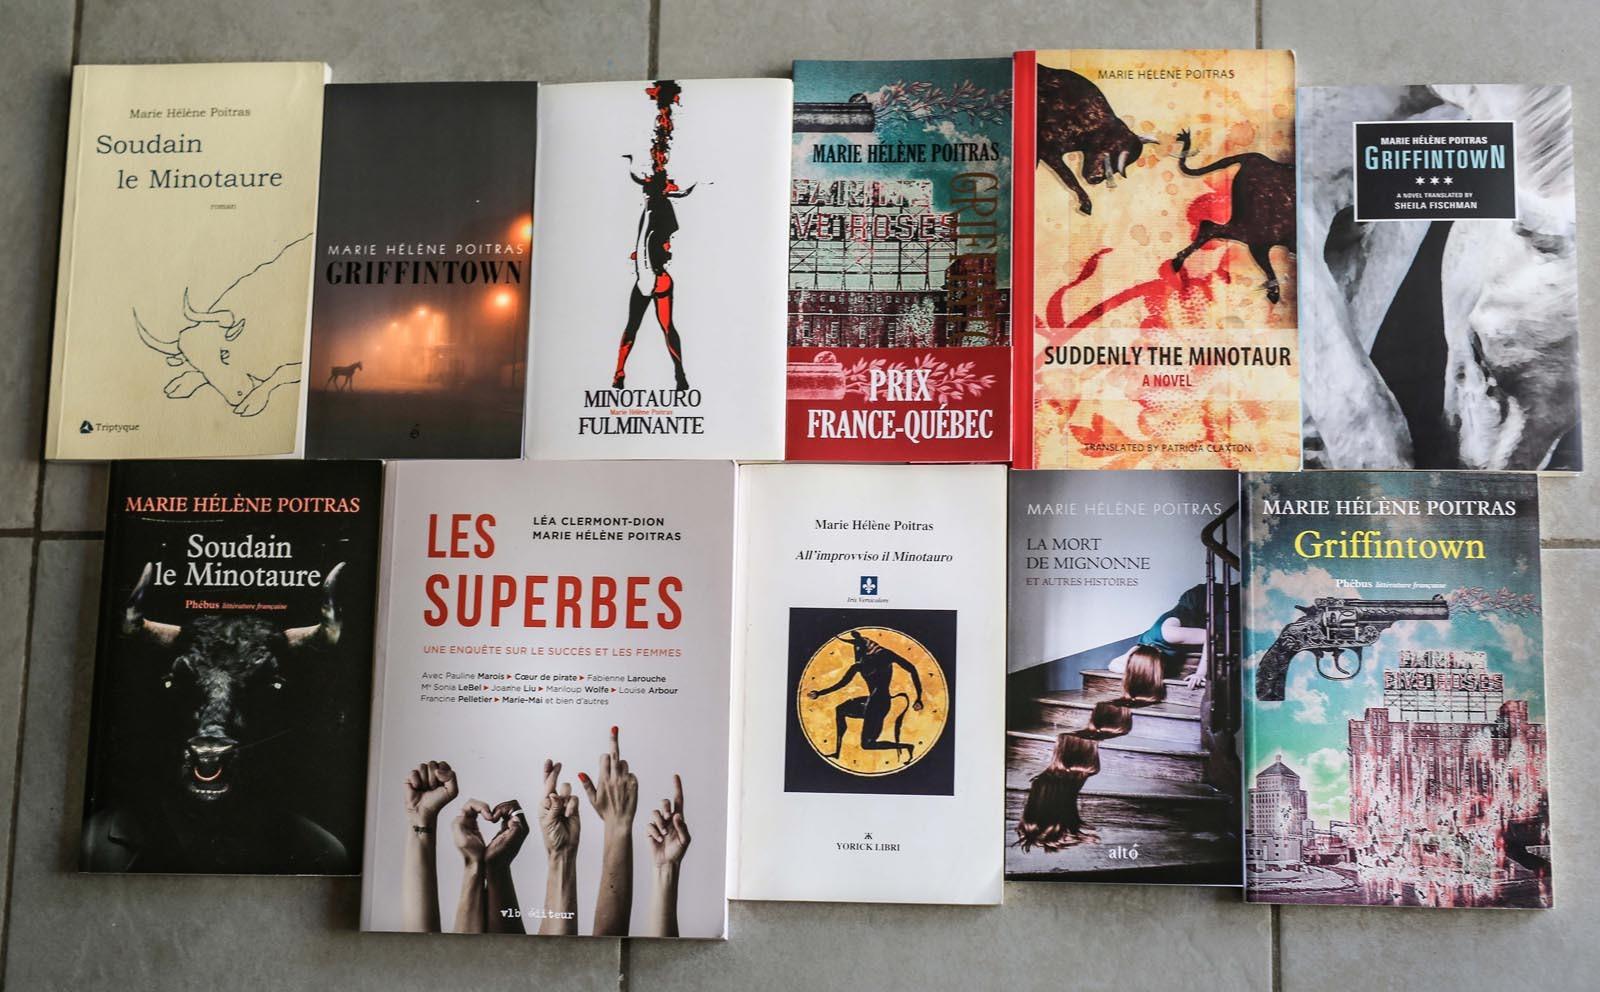 Livres de Marie Hélène Poitras